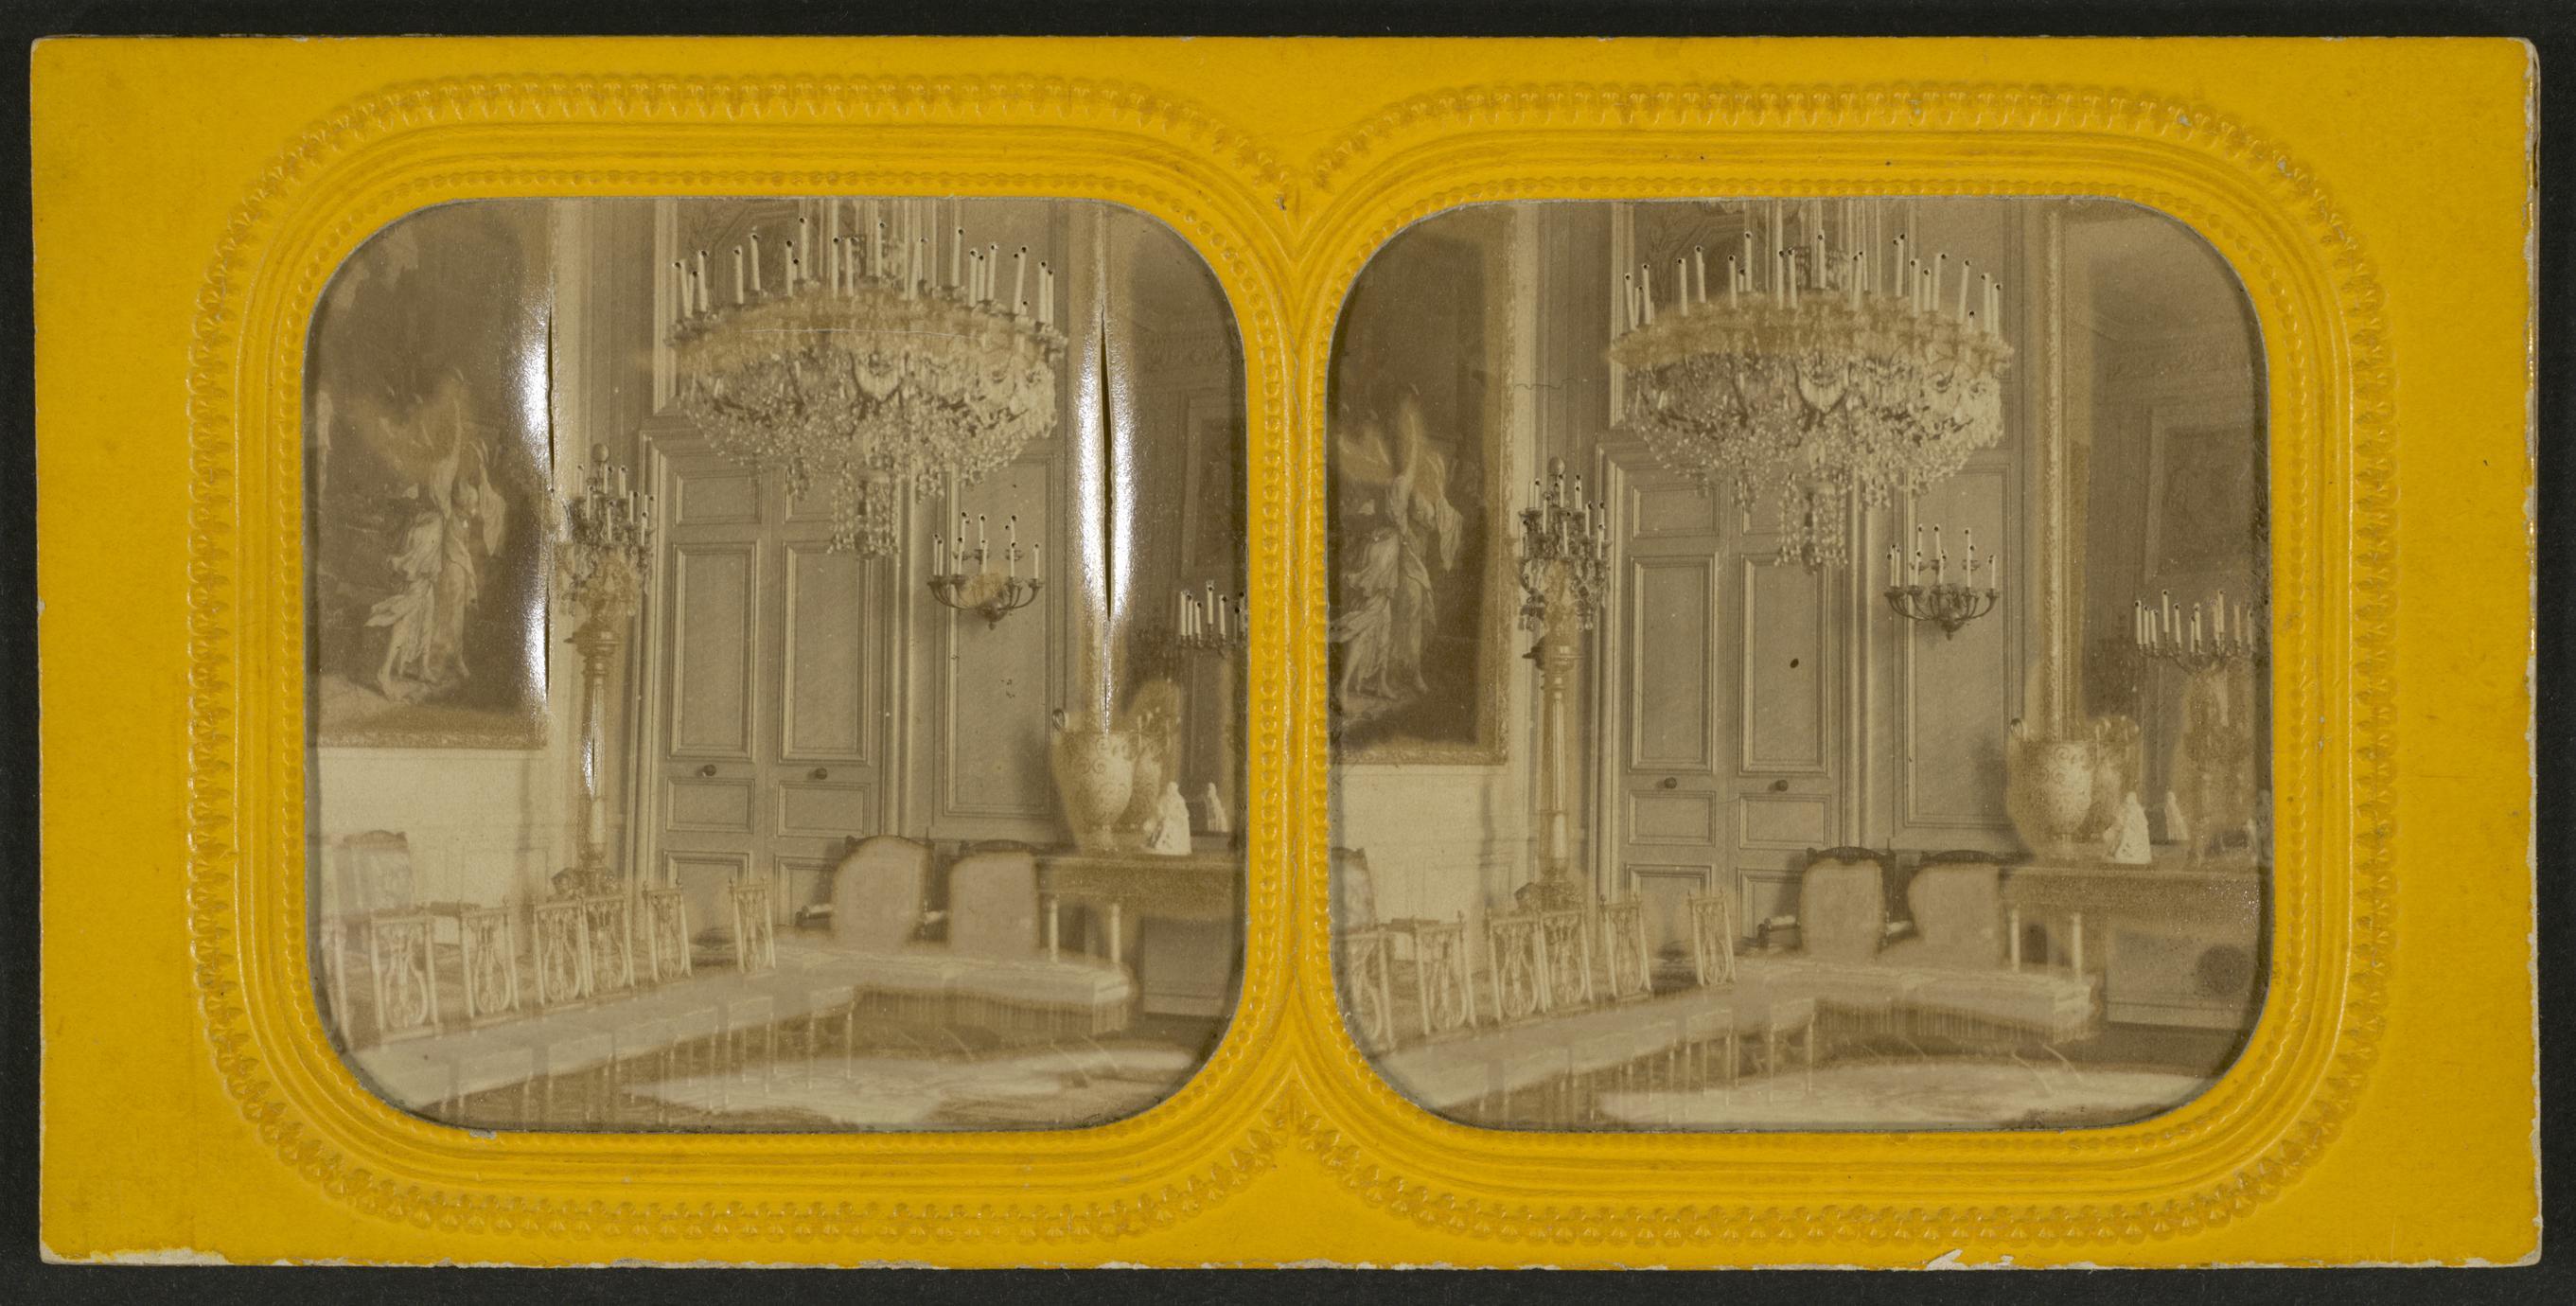 Salon de l'Empereur à Compiègne (1 of 4)